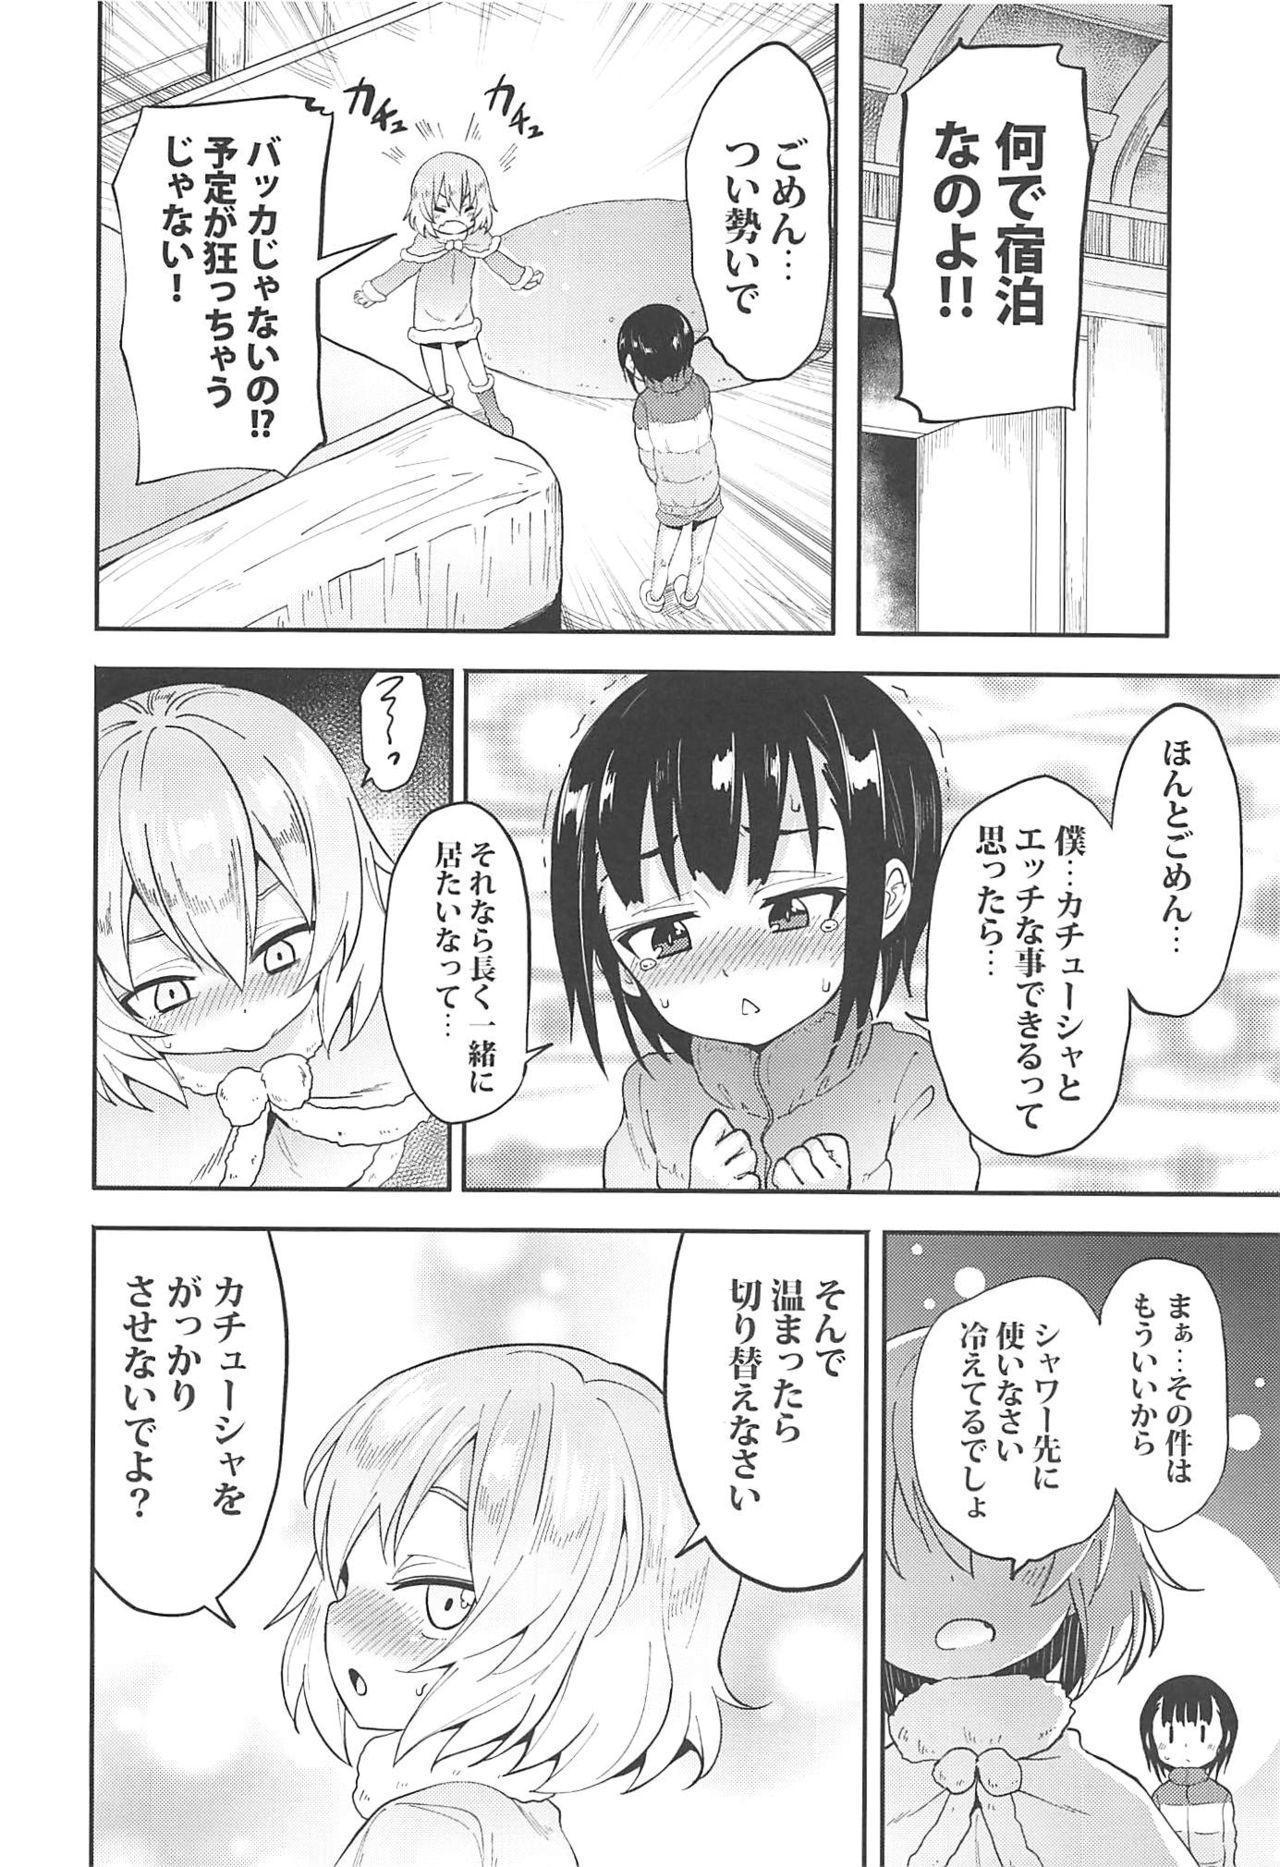 Katyusha ni Kokuhaku Shite Mita After 4